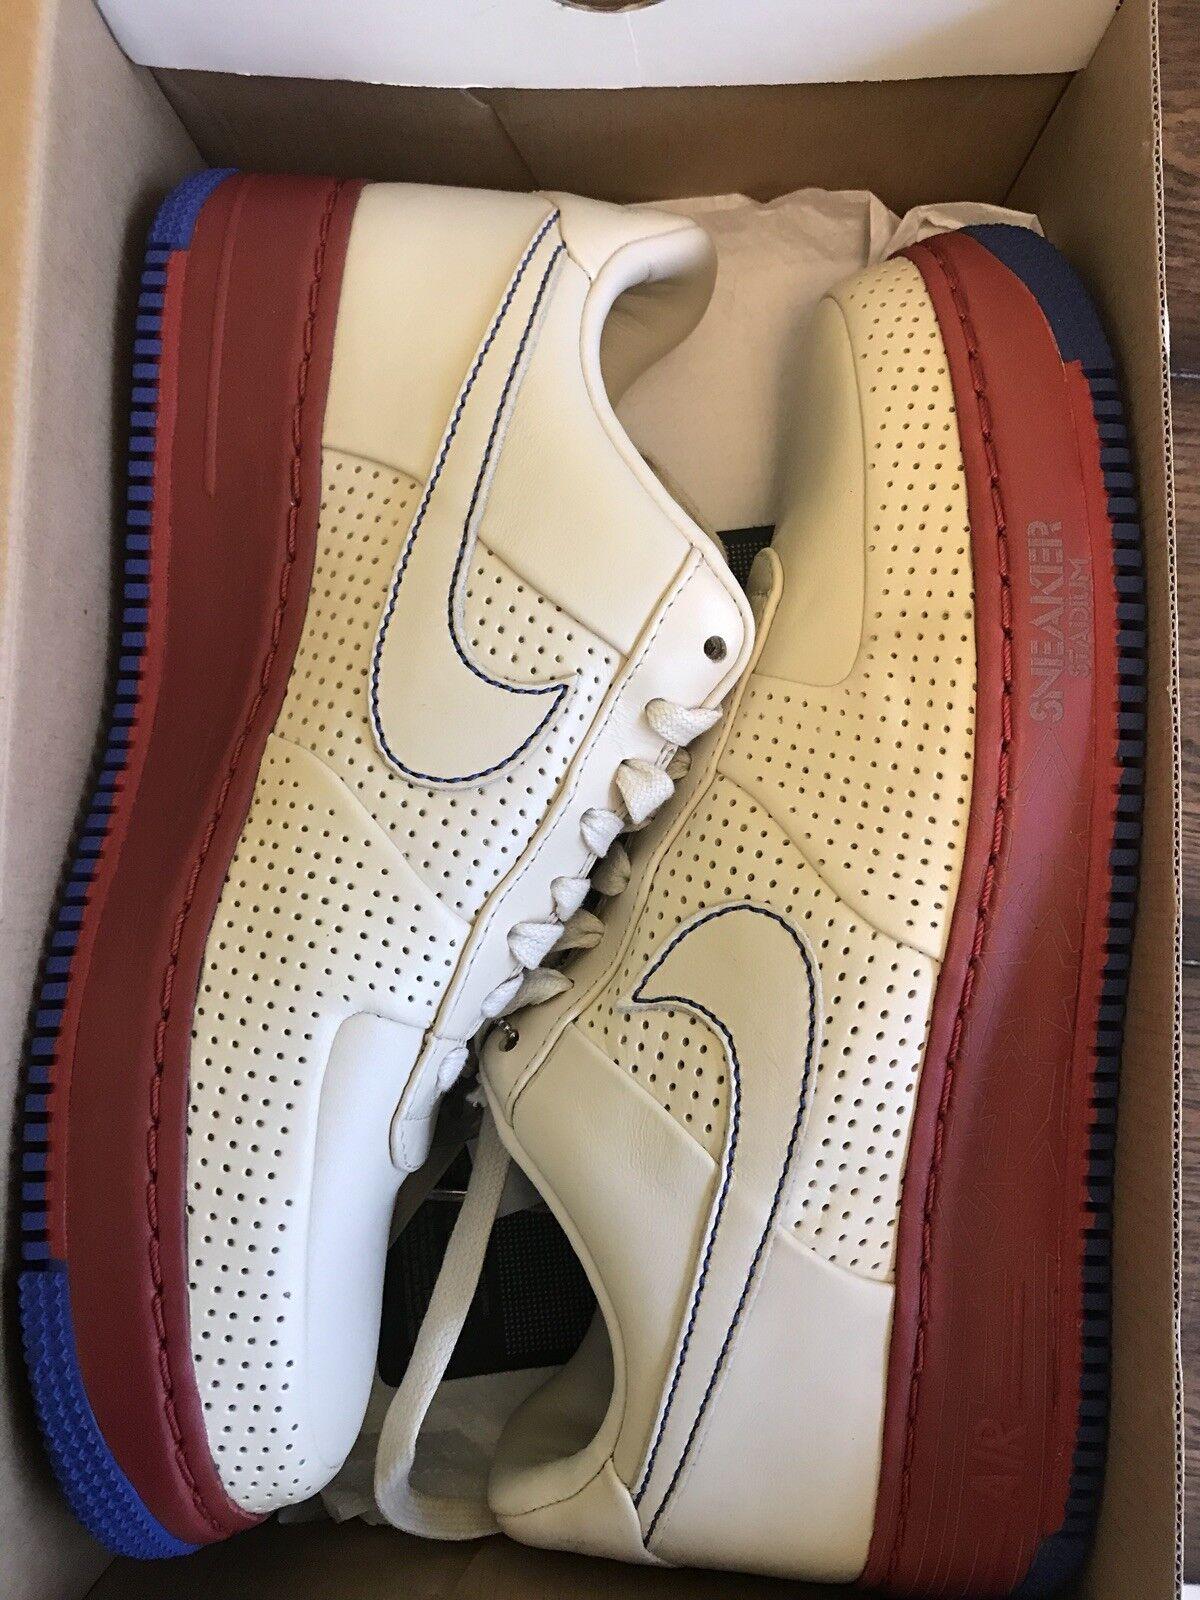 Nike air force 1 07 Supreme (phila)